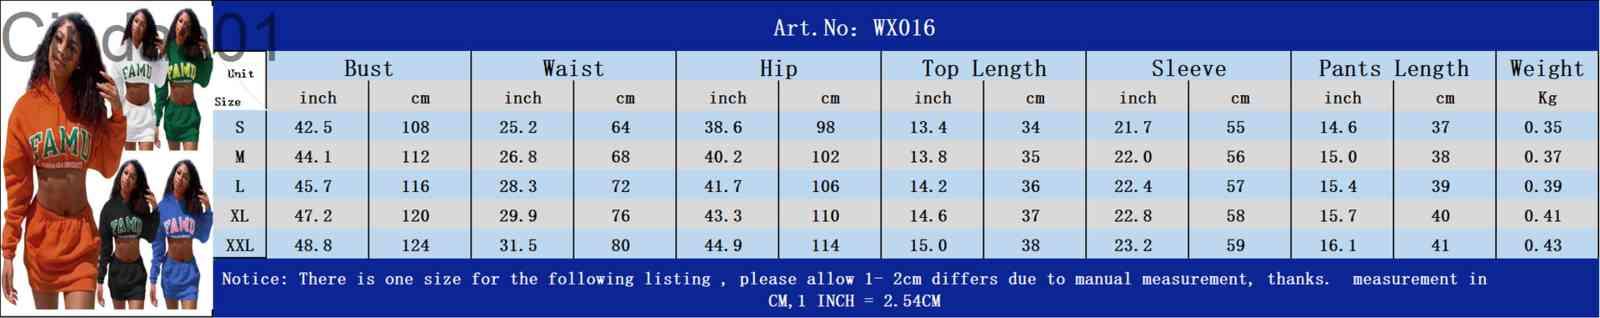 6)6C2XQ95)R89ZCM8%6%VNL.png